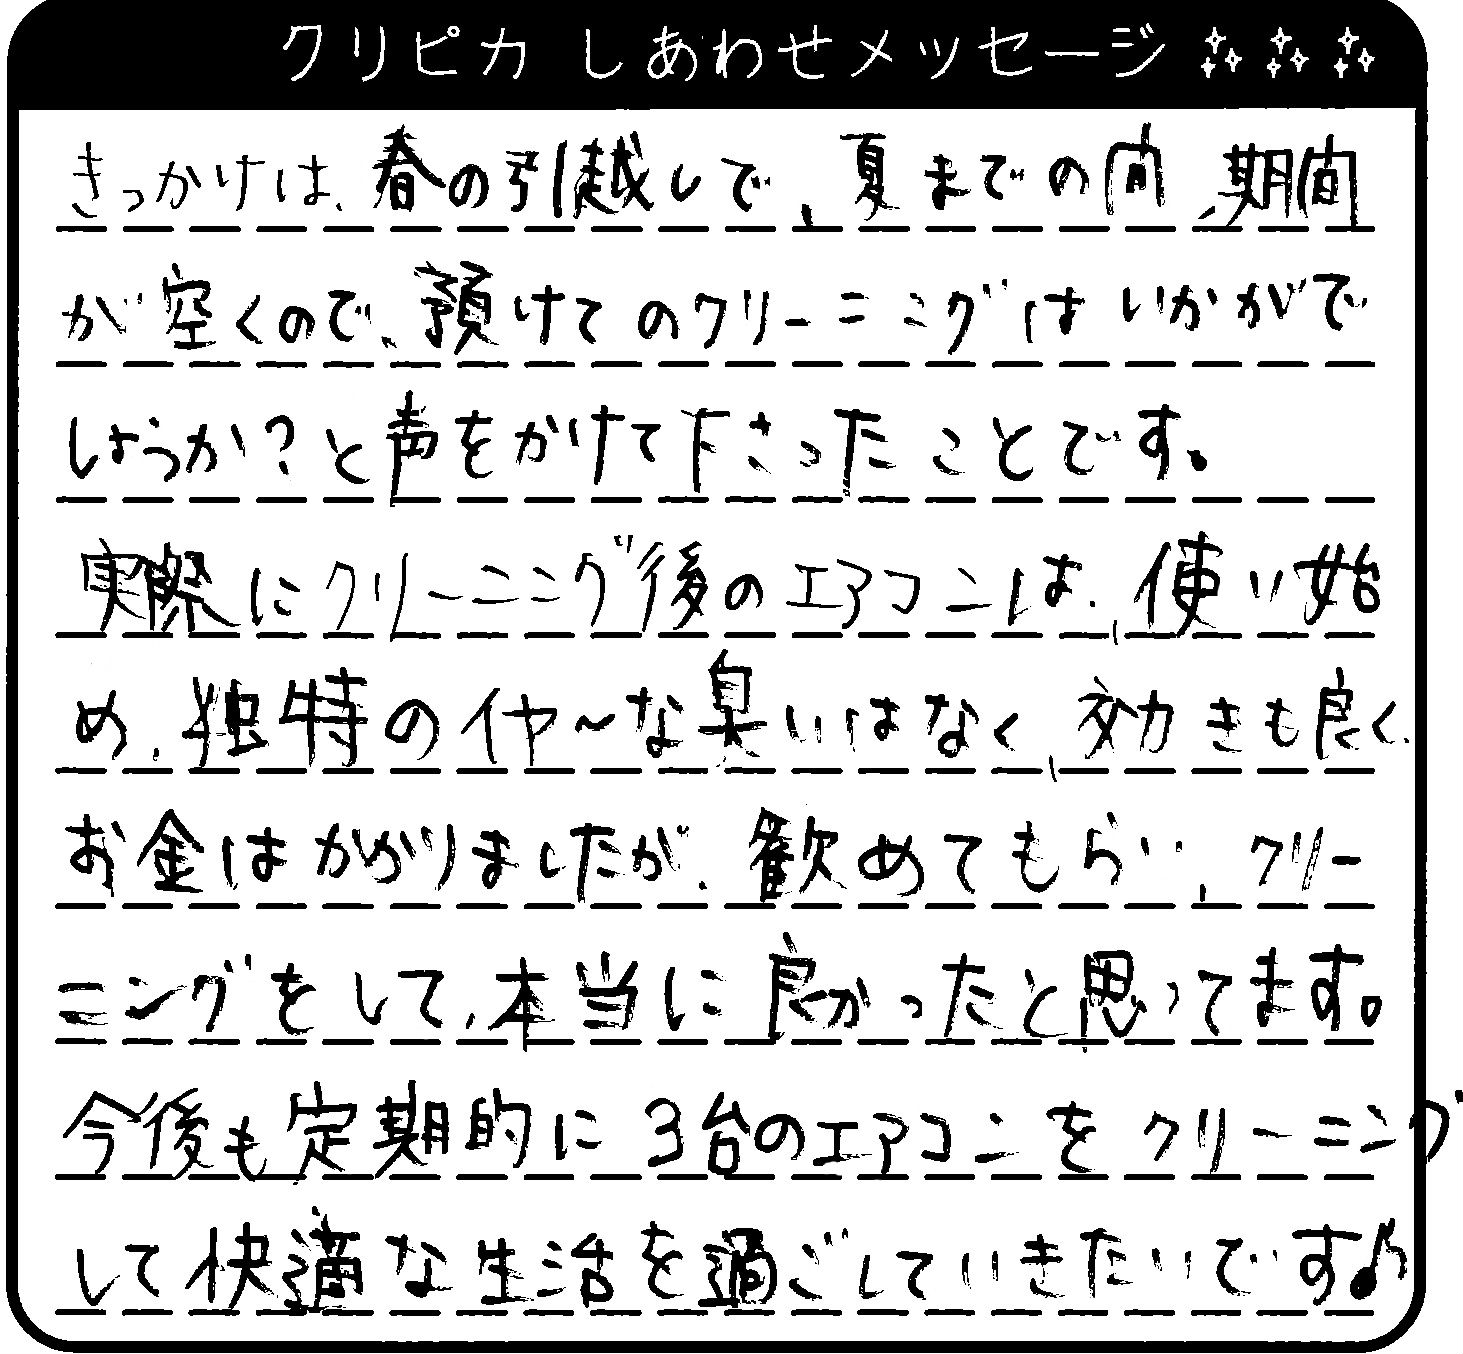 広島県 G様からのしあわせメッセージ